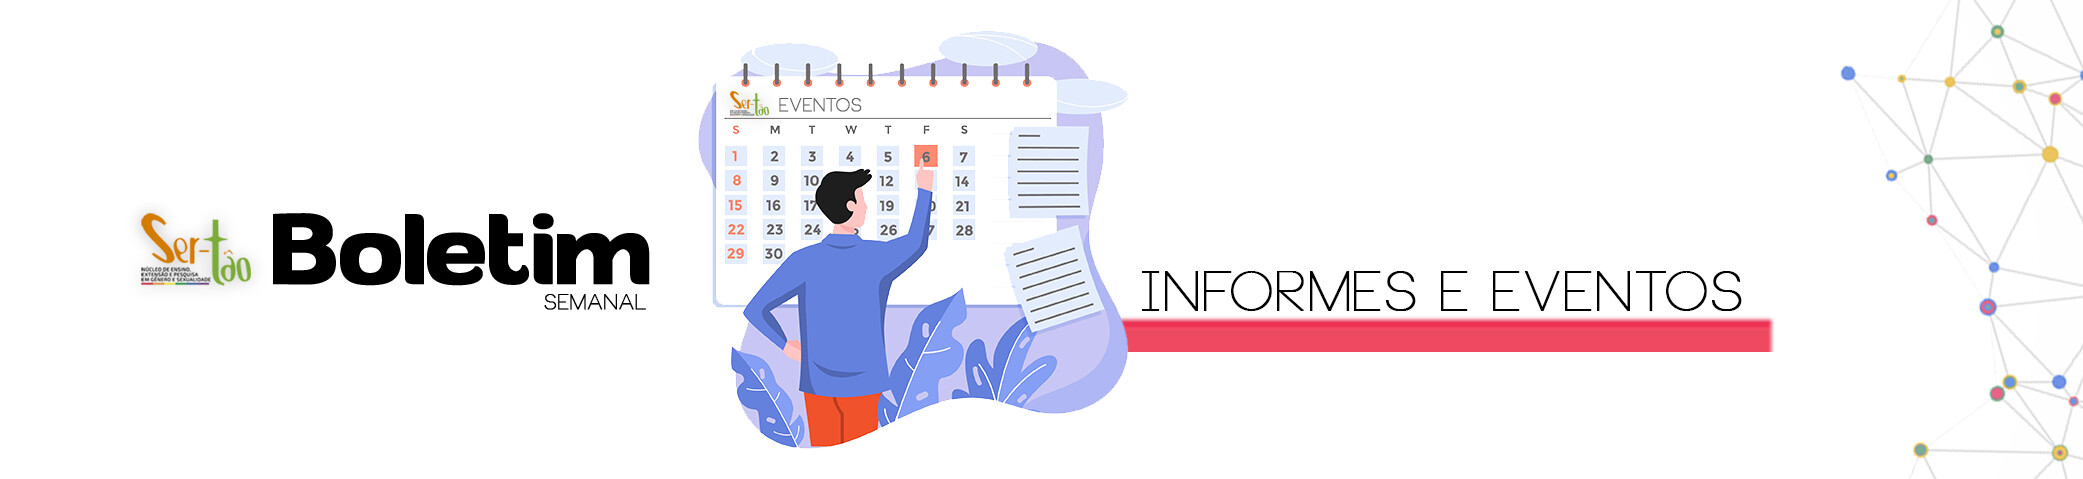 INFORMES E EVENTOS